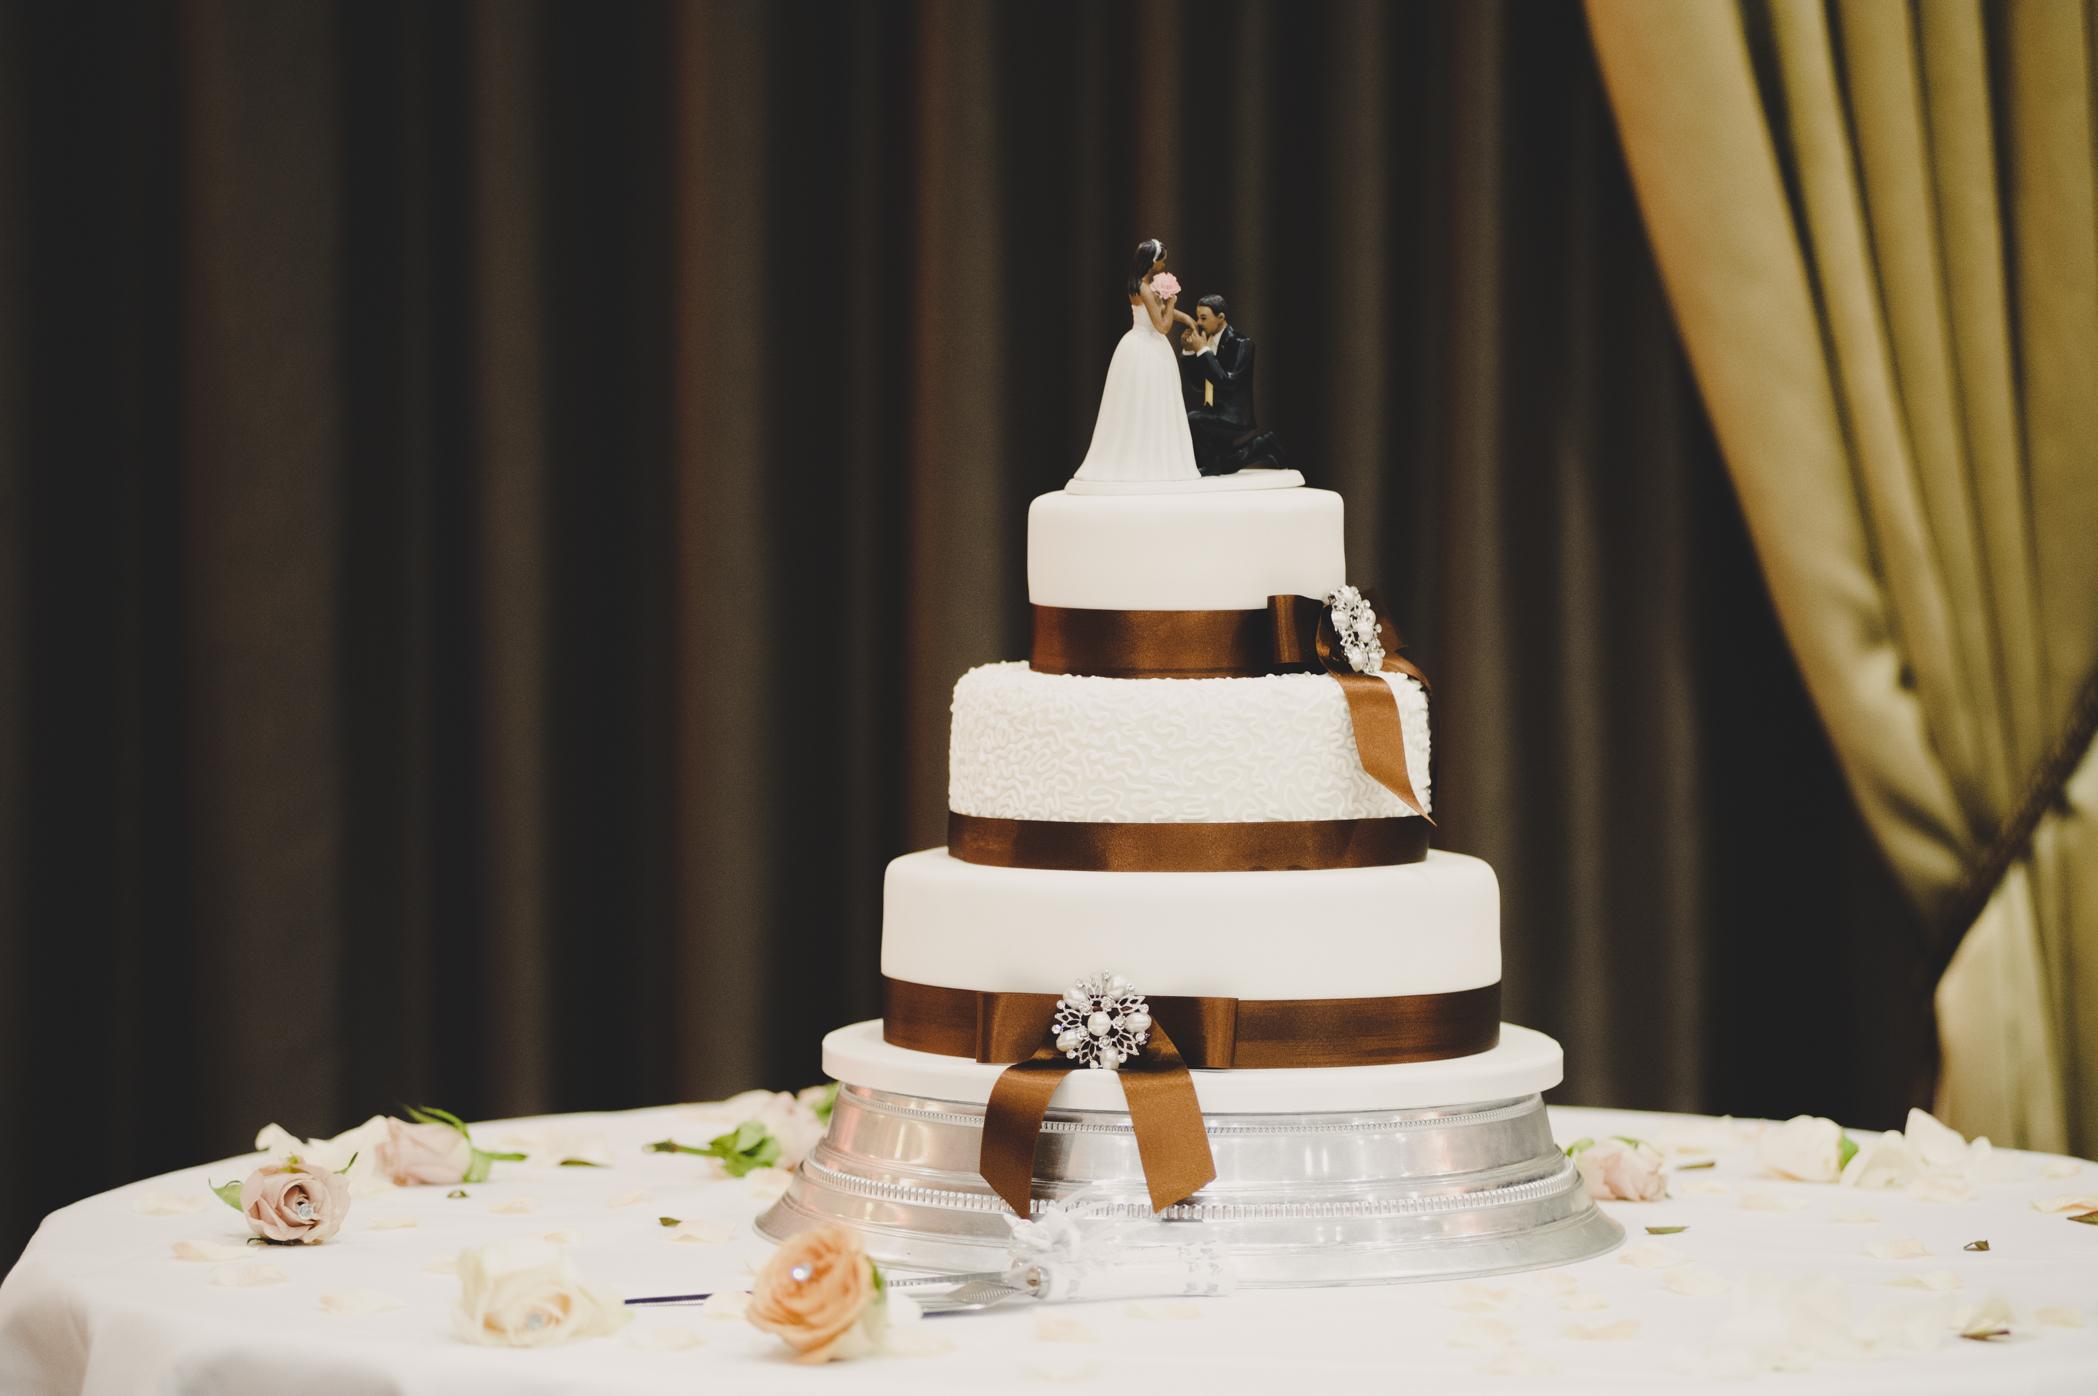 CAKE CUT LR-31.jpg